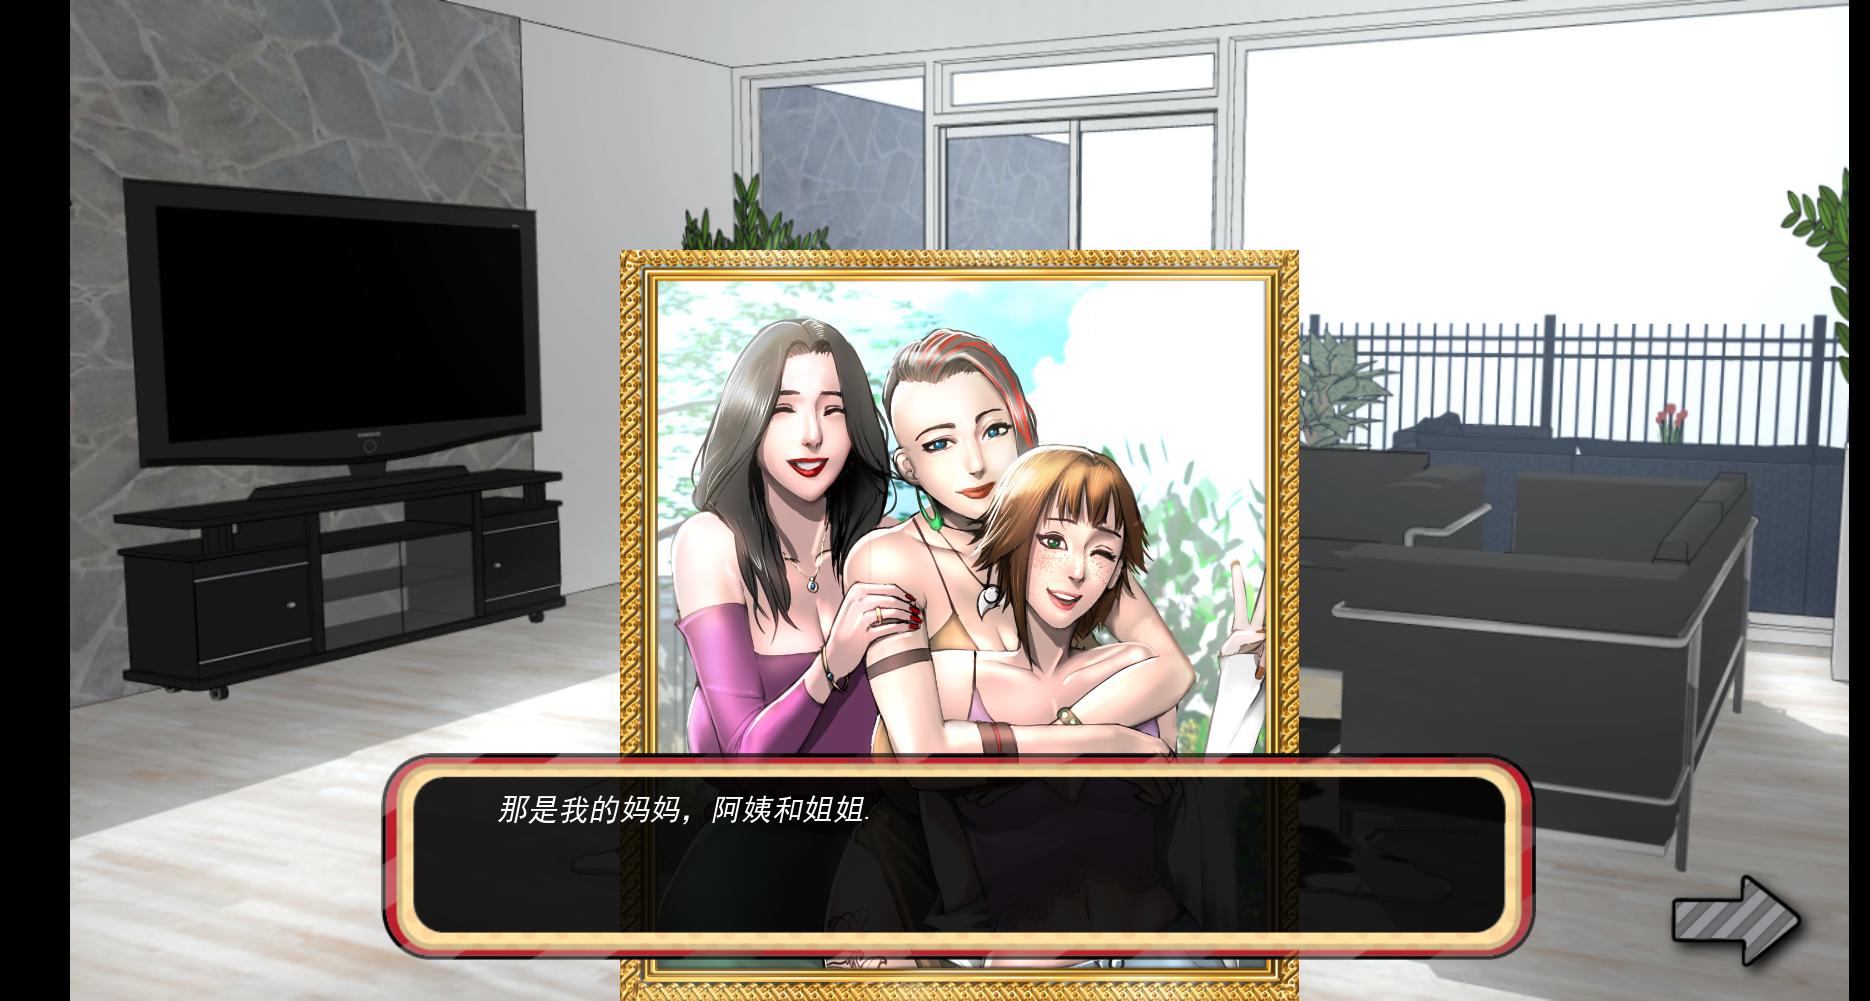 《乡村王子 v0.4》/SLG游戏/PC/安卓